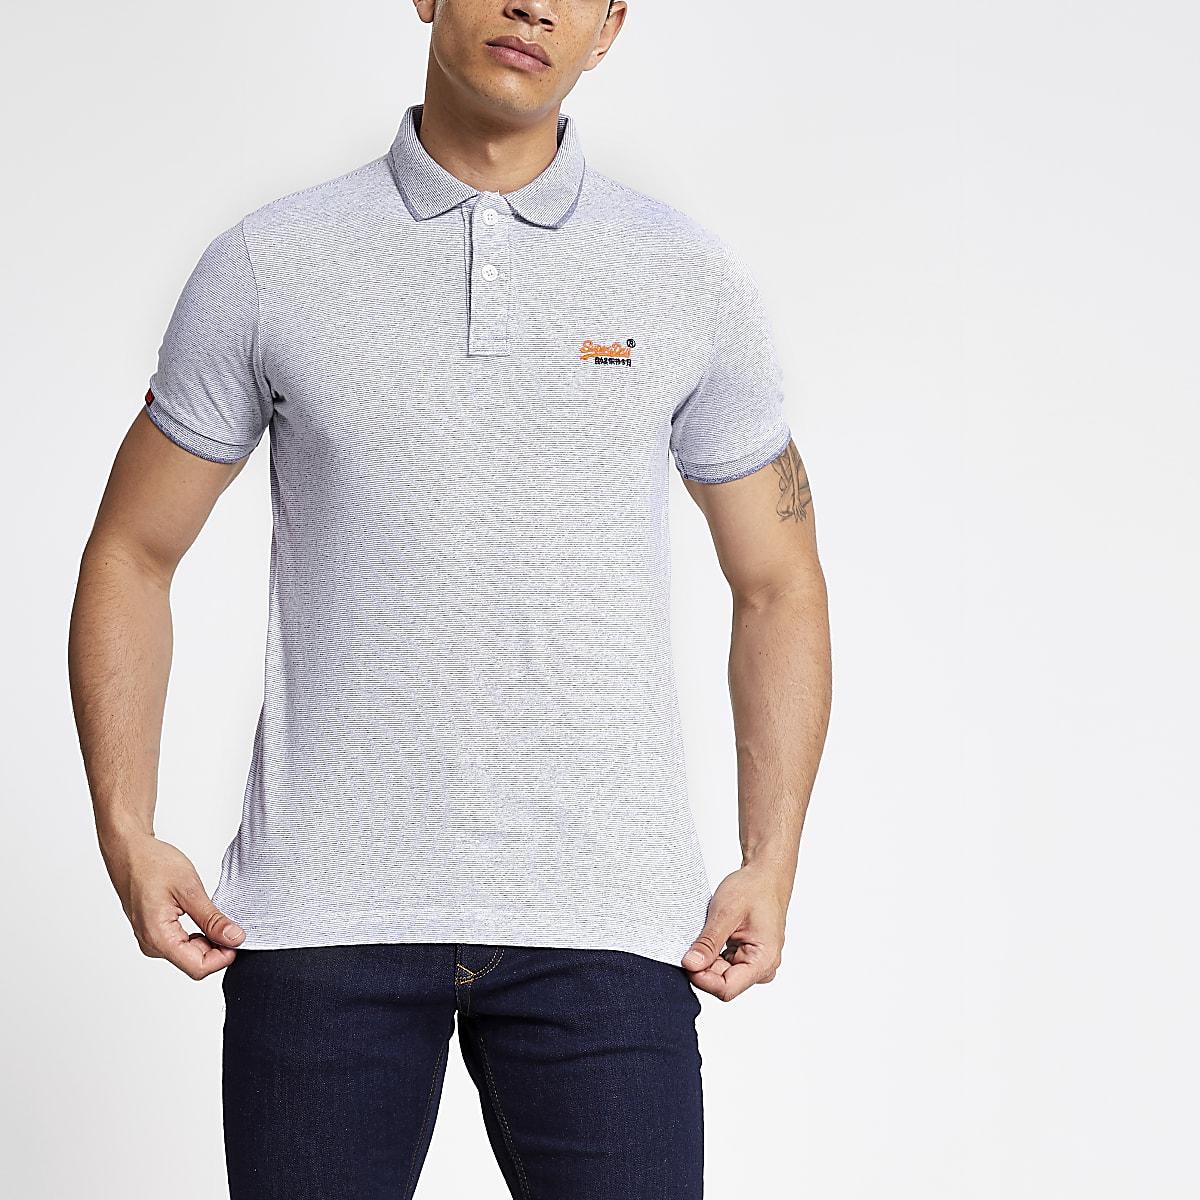 Superdry purple marl polo shirt